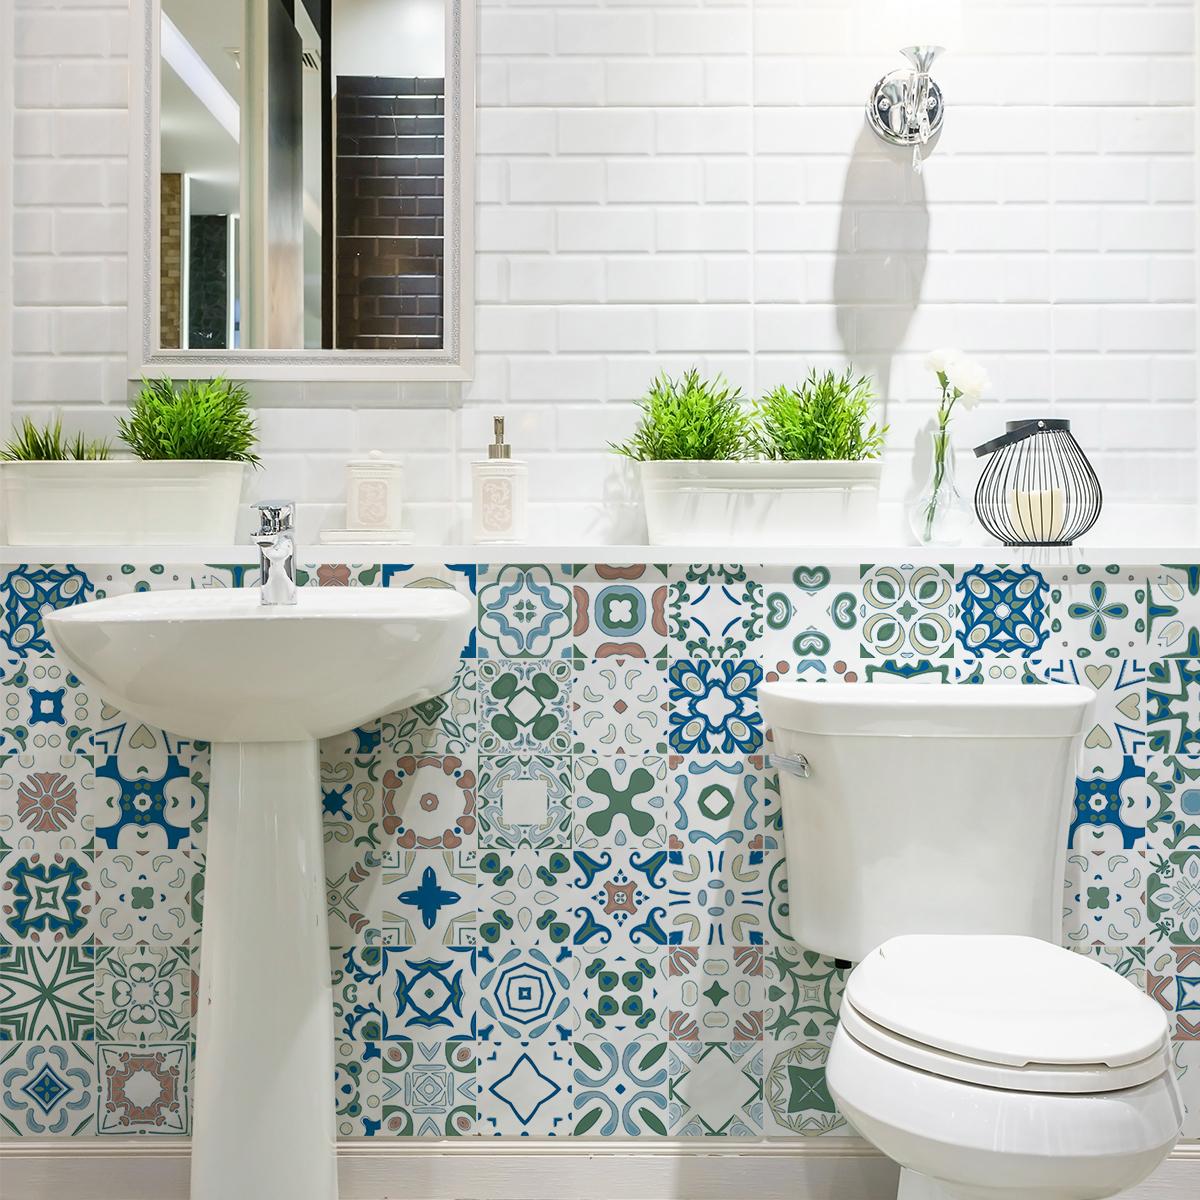 12 wandtatoos Zementfliesen azulejos irina Bilder